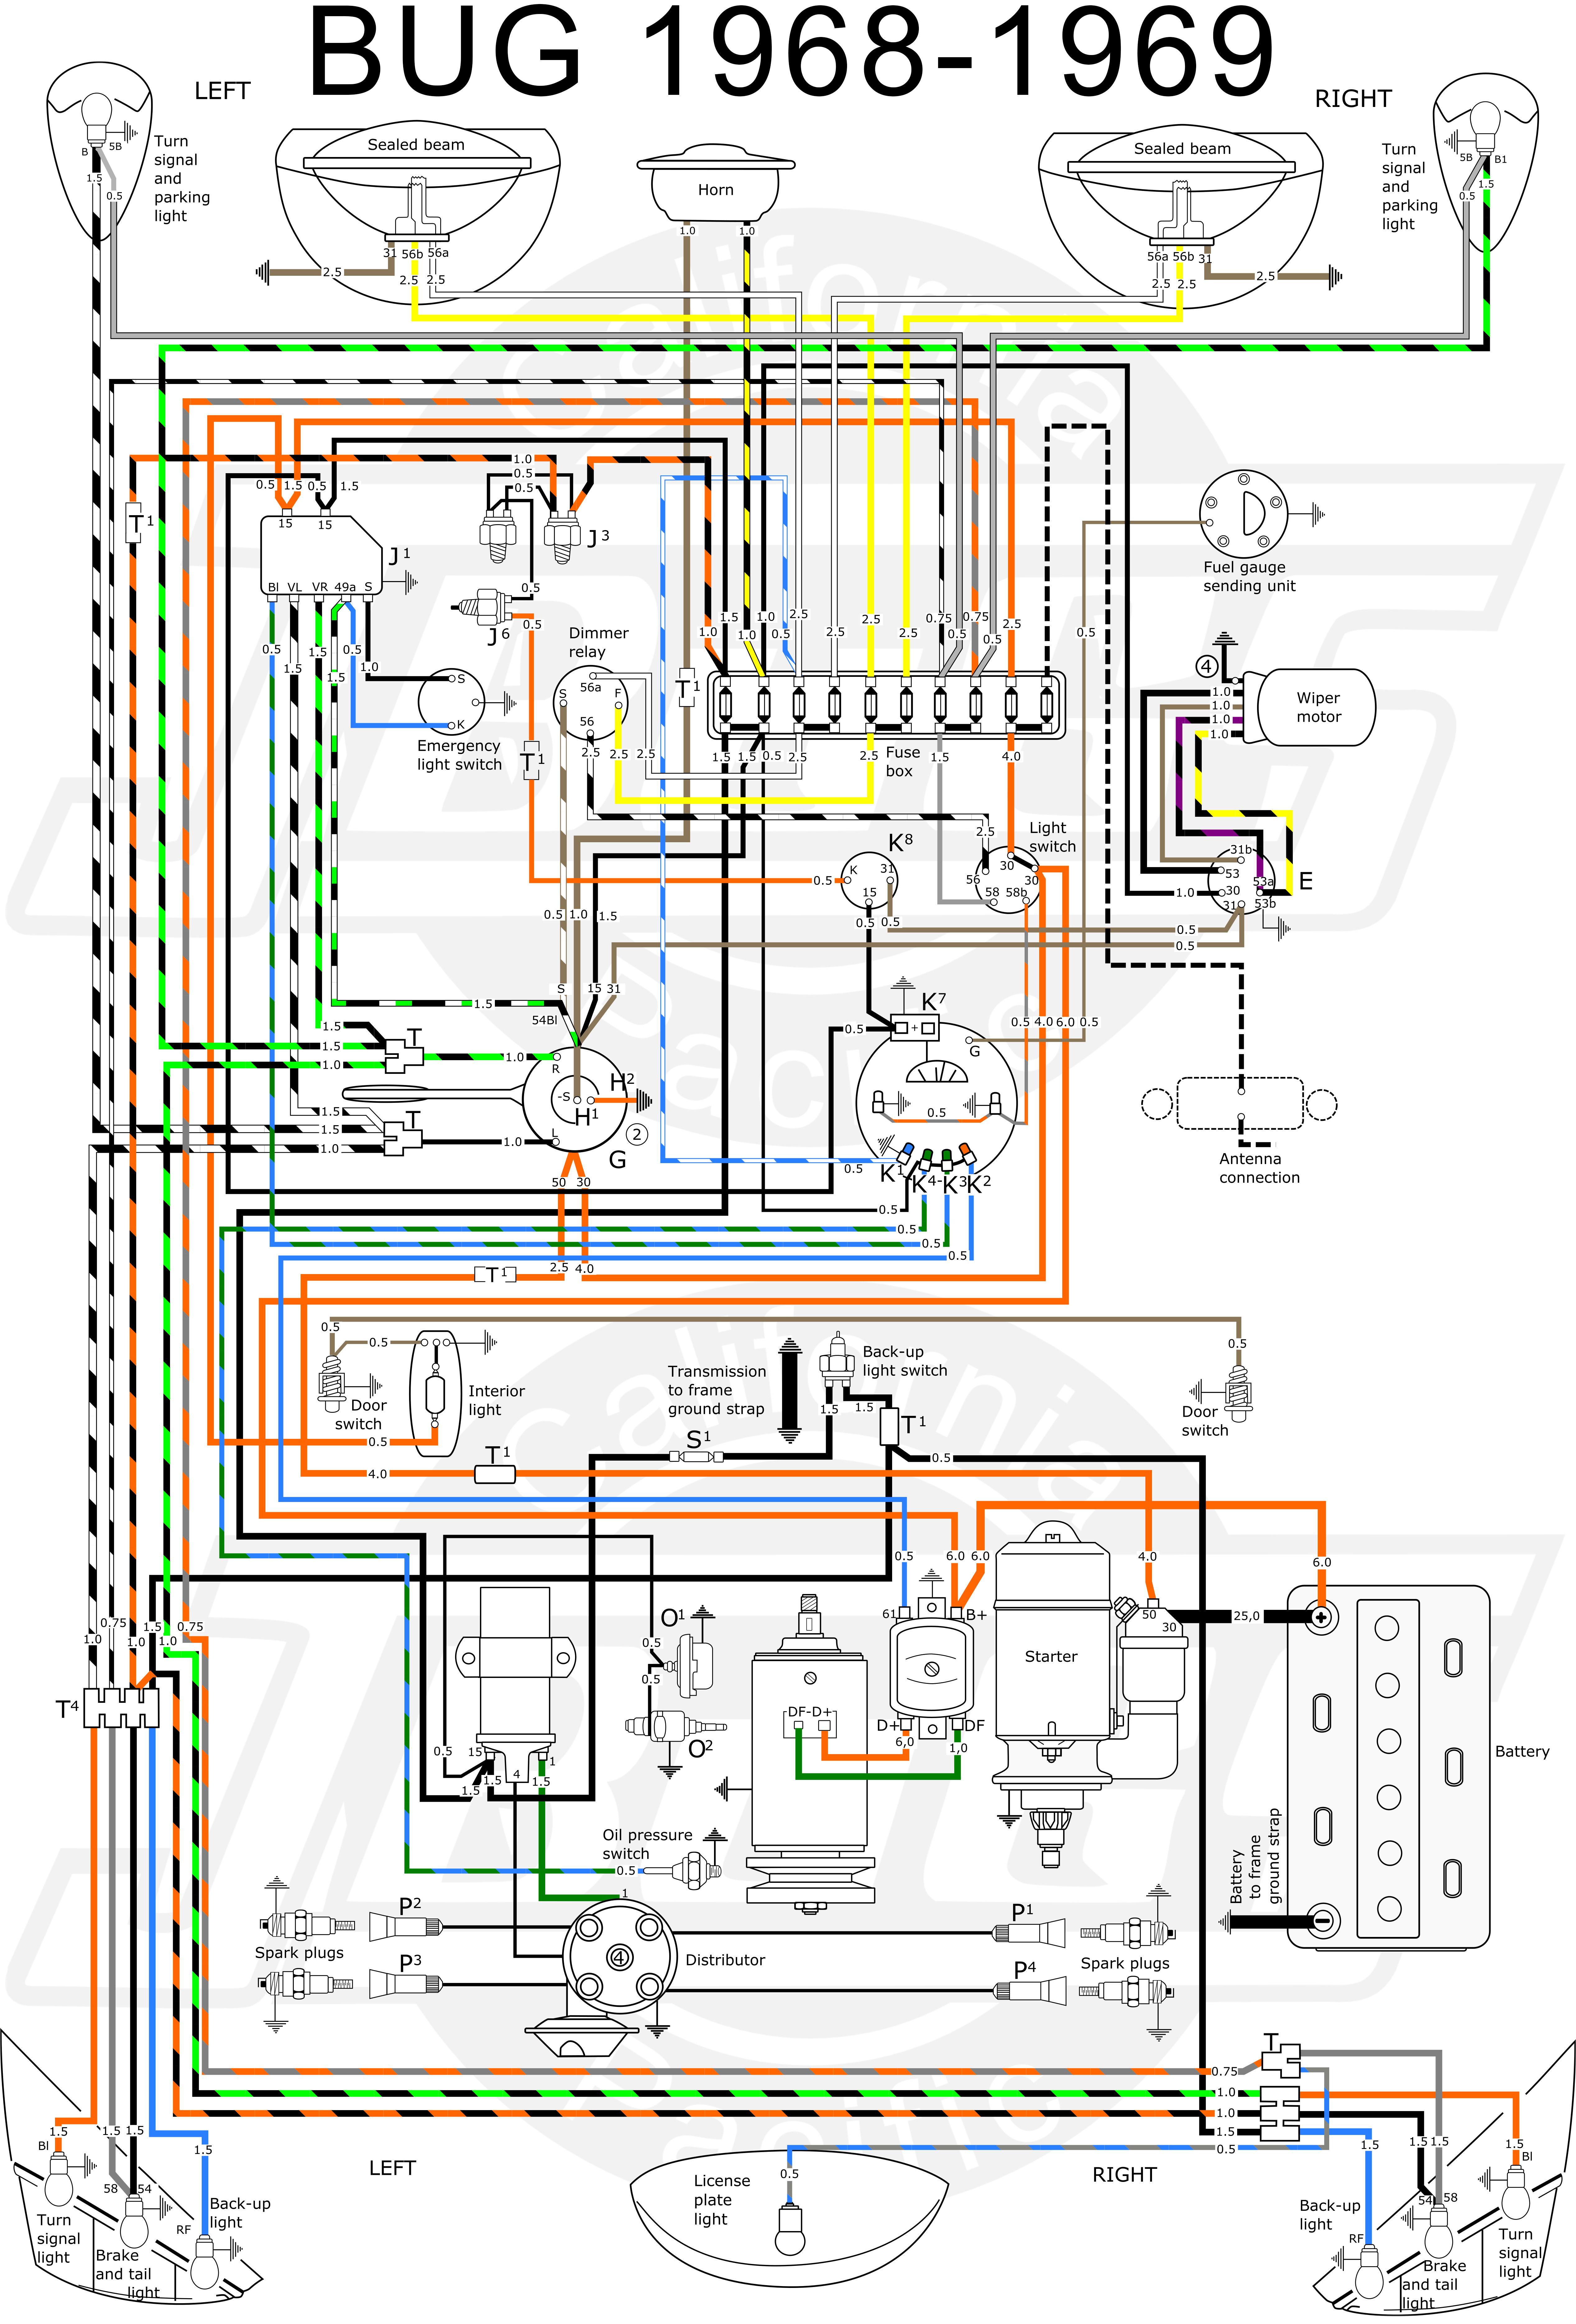 Wiring Diagram Additionally 2007 International 4300 Fuse Box Diagram